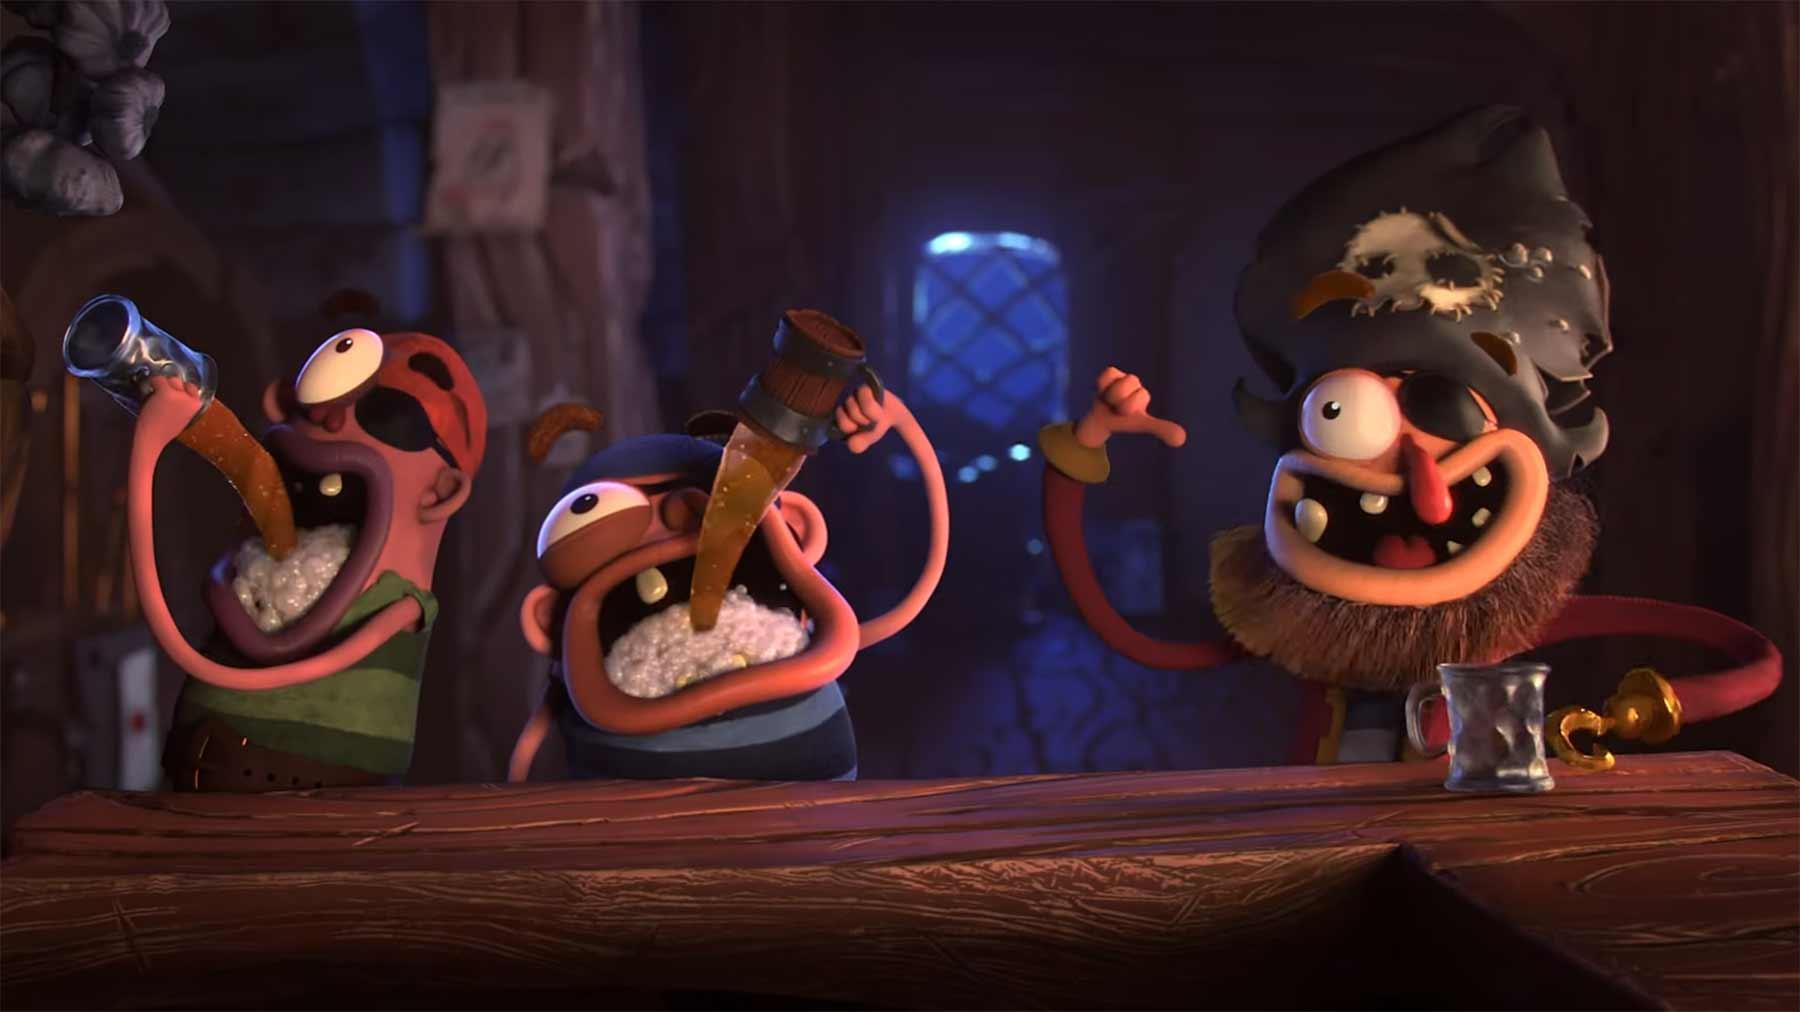 Einäugiger Pirat sucht perfekte Besatzung